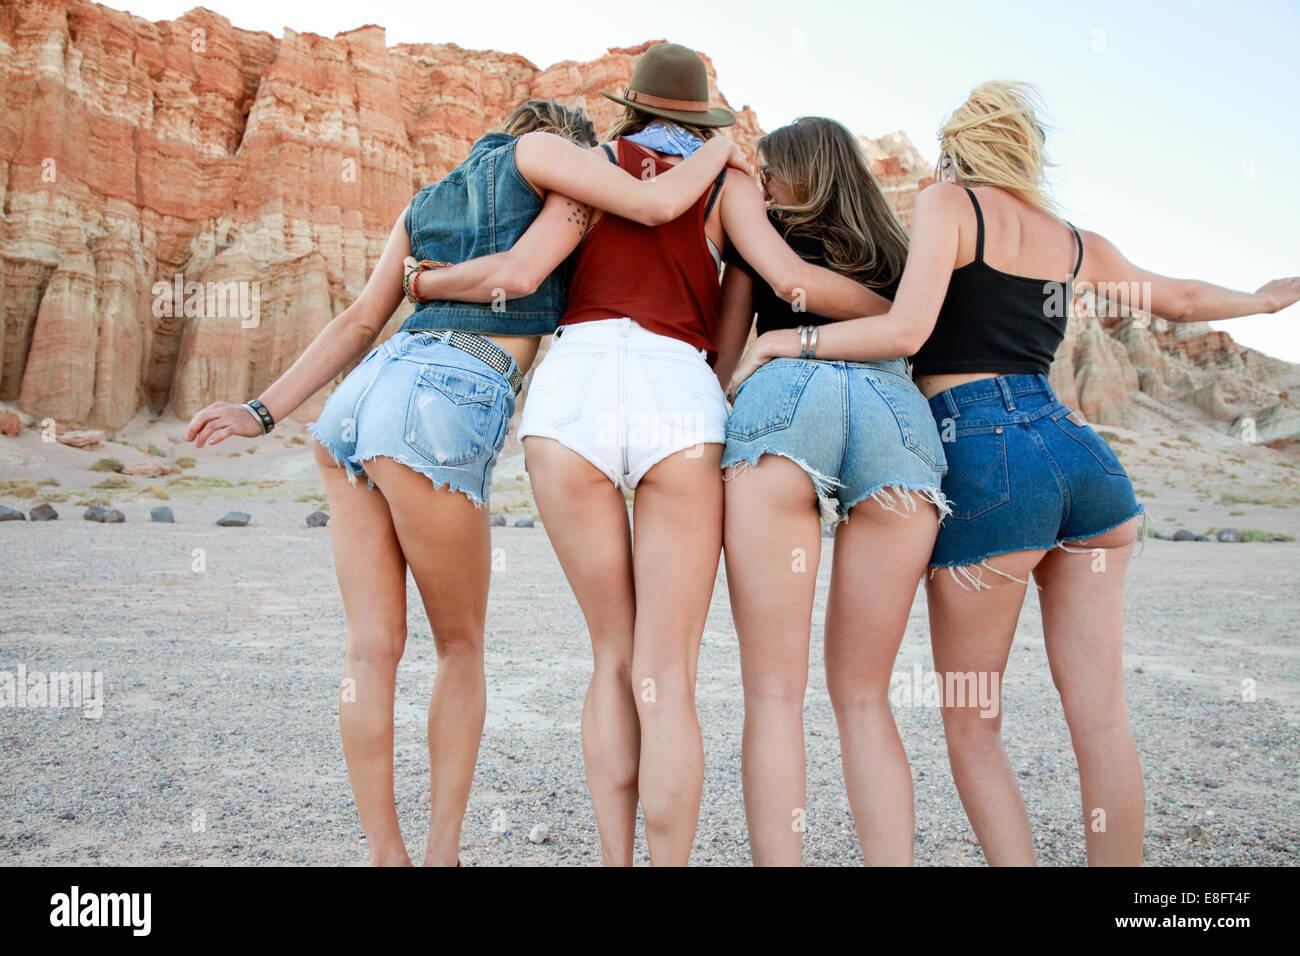 Vue arrière de quatre femmes portant un short en jean Photo Stock